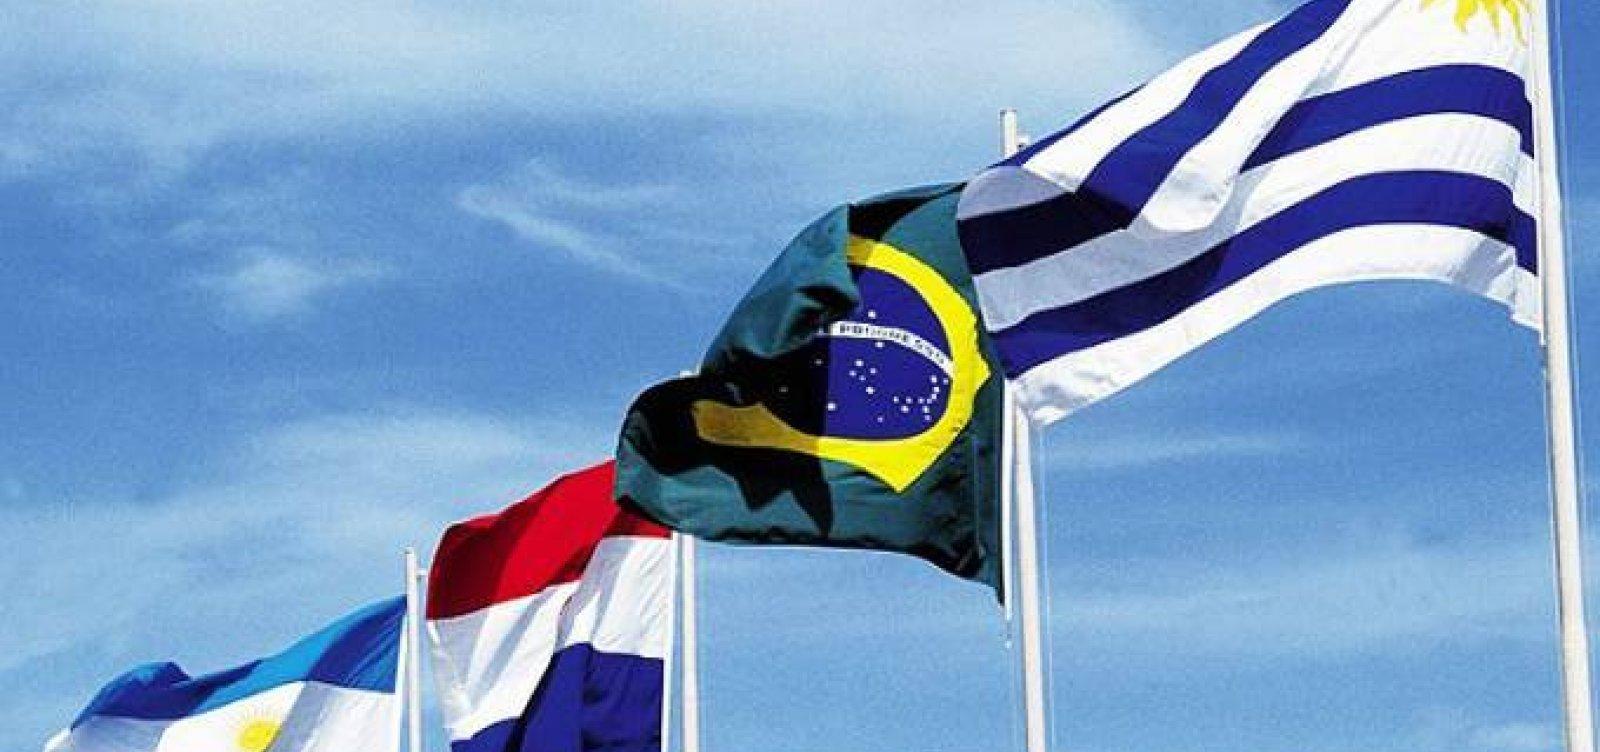 Acordo entre Coreia e Mercosul pode aumentar investimentos no Brasil, diz embaixador